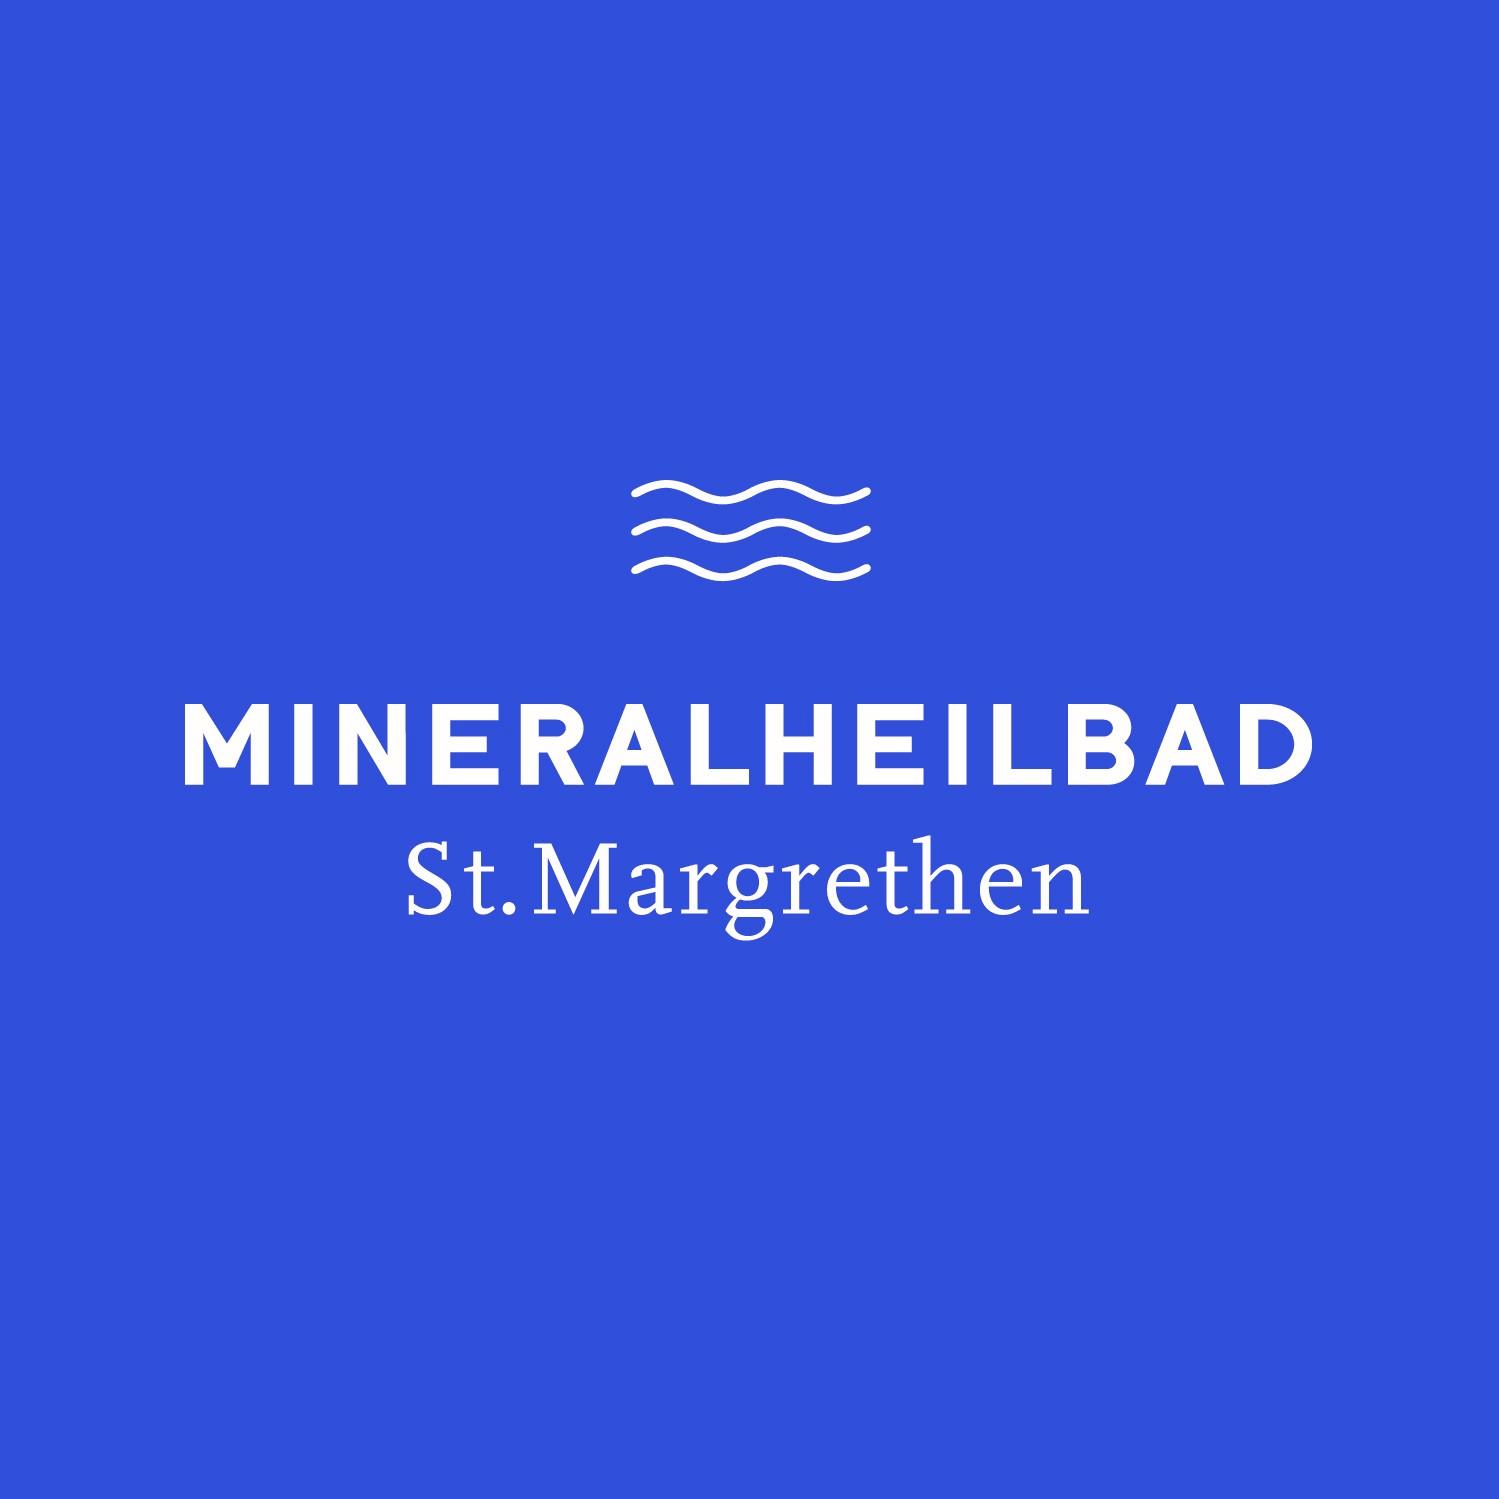 Mineralheilbad St. Margrethen Betriebs AG